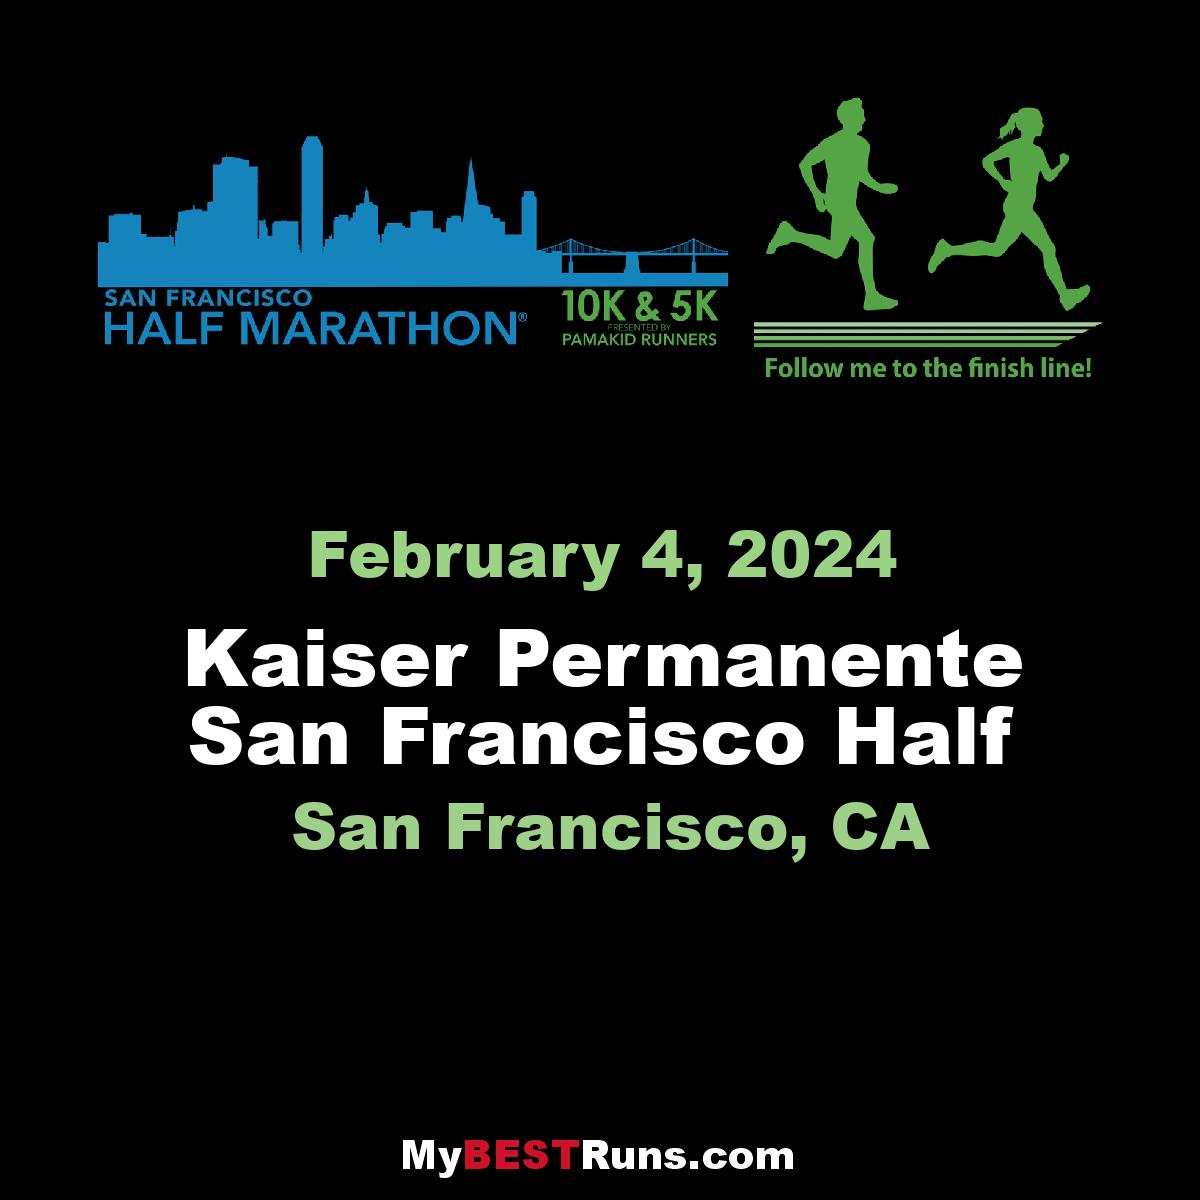 Kaiser Permanente San Francisco Half